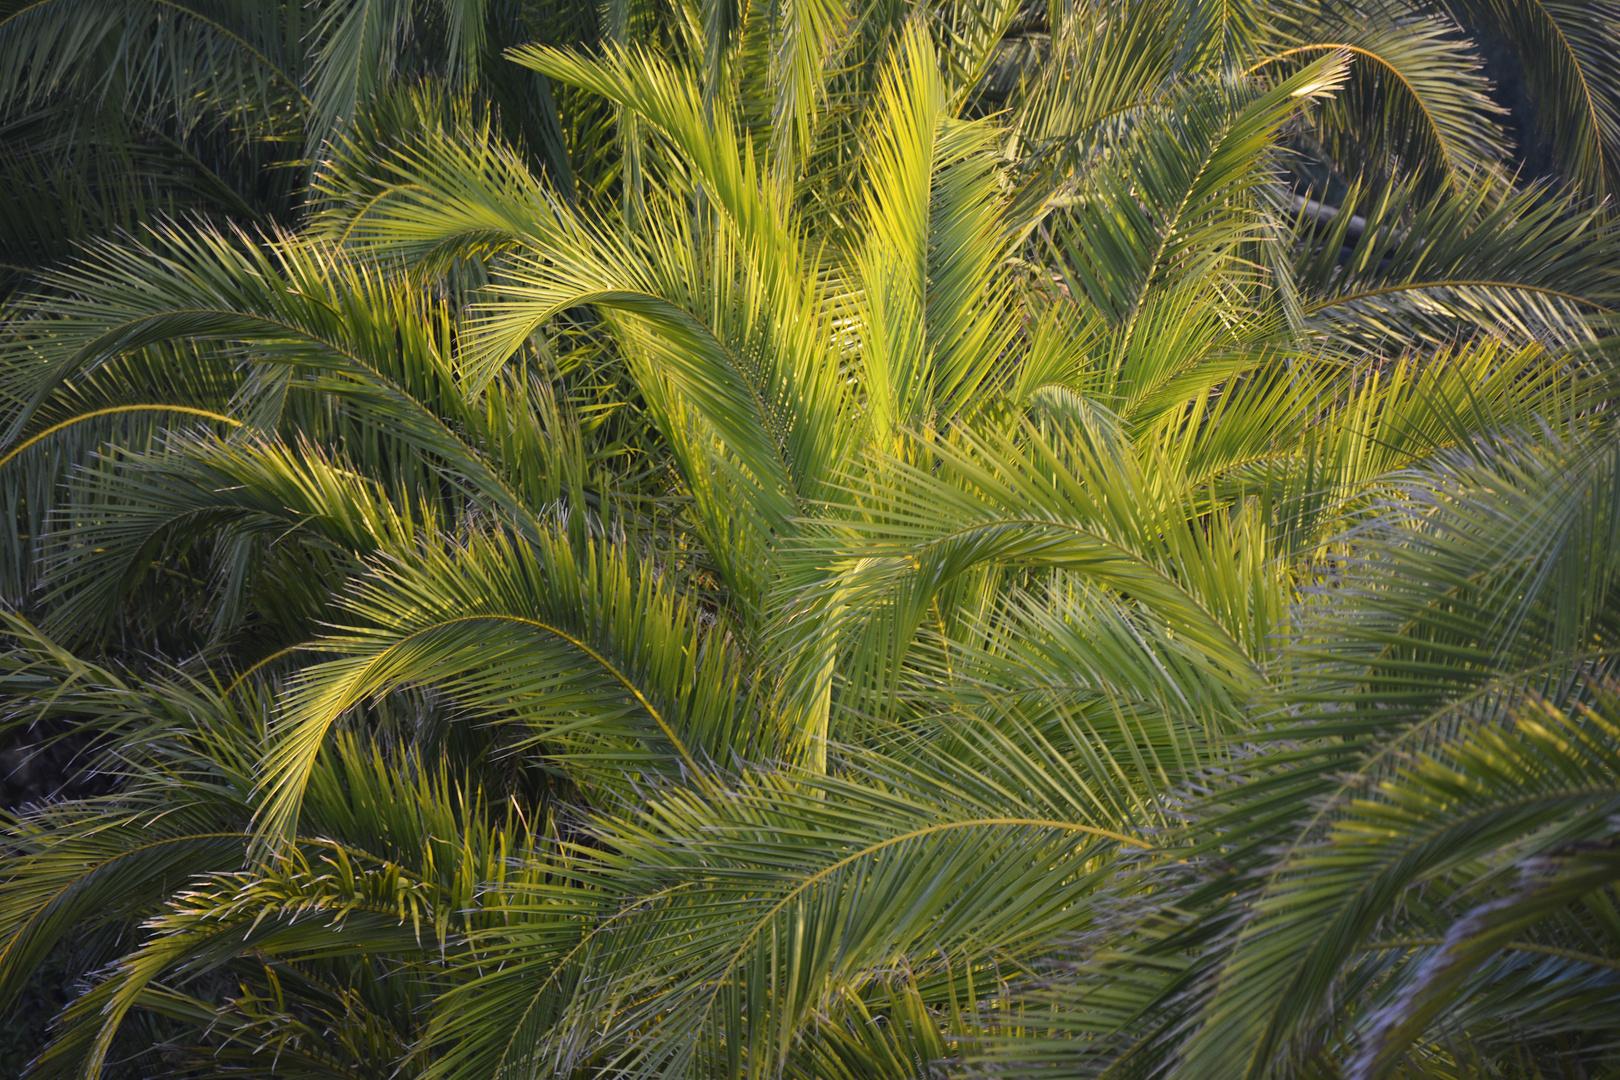 Sonnenlicht in Palmenzweigen